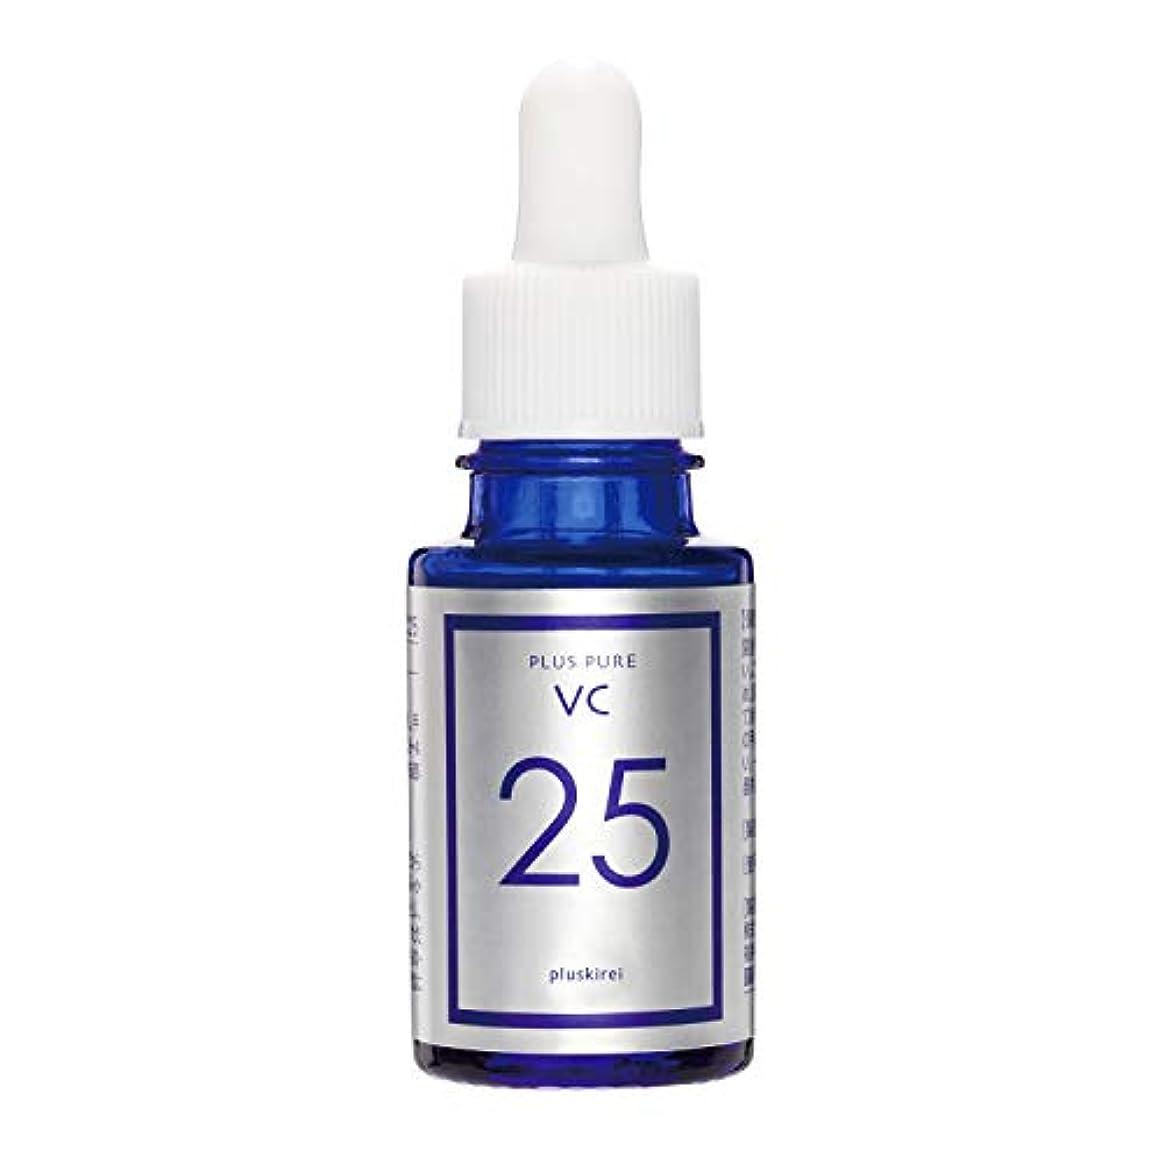 労働者フィードフックビタミンC 美容液 プラスキレイ プラスピュアVC25 ピュアビタミンC25%配合 両親媒性美容液 (10mL(約1ケ月分))